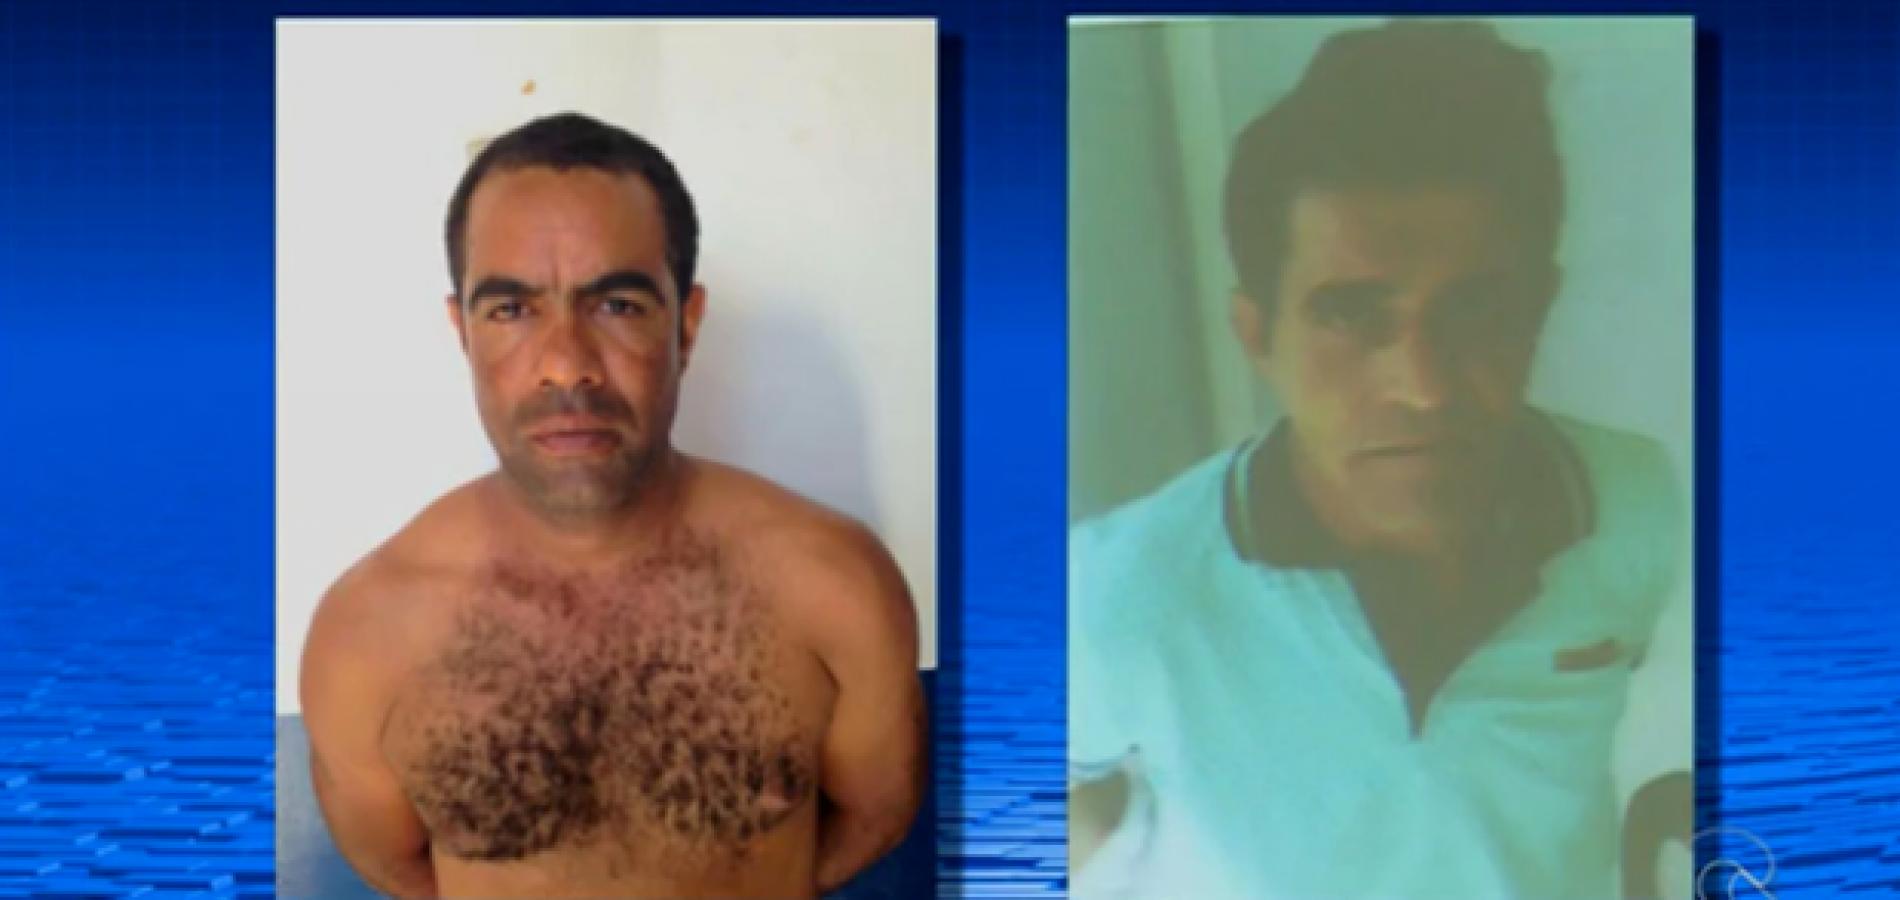 Suspeito confessa e conta detalhes sobre assassinato de amigas em Petrolina